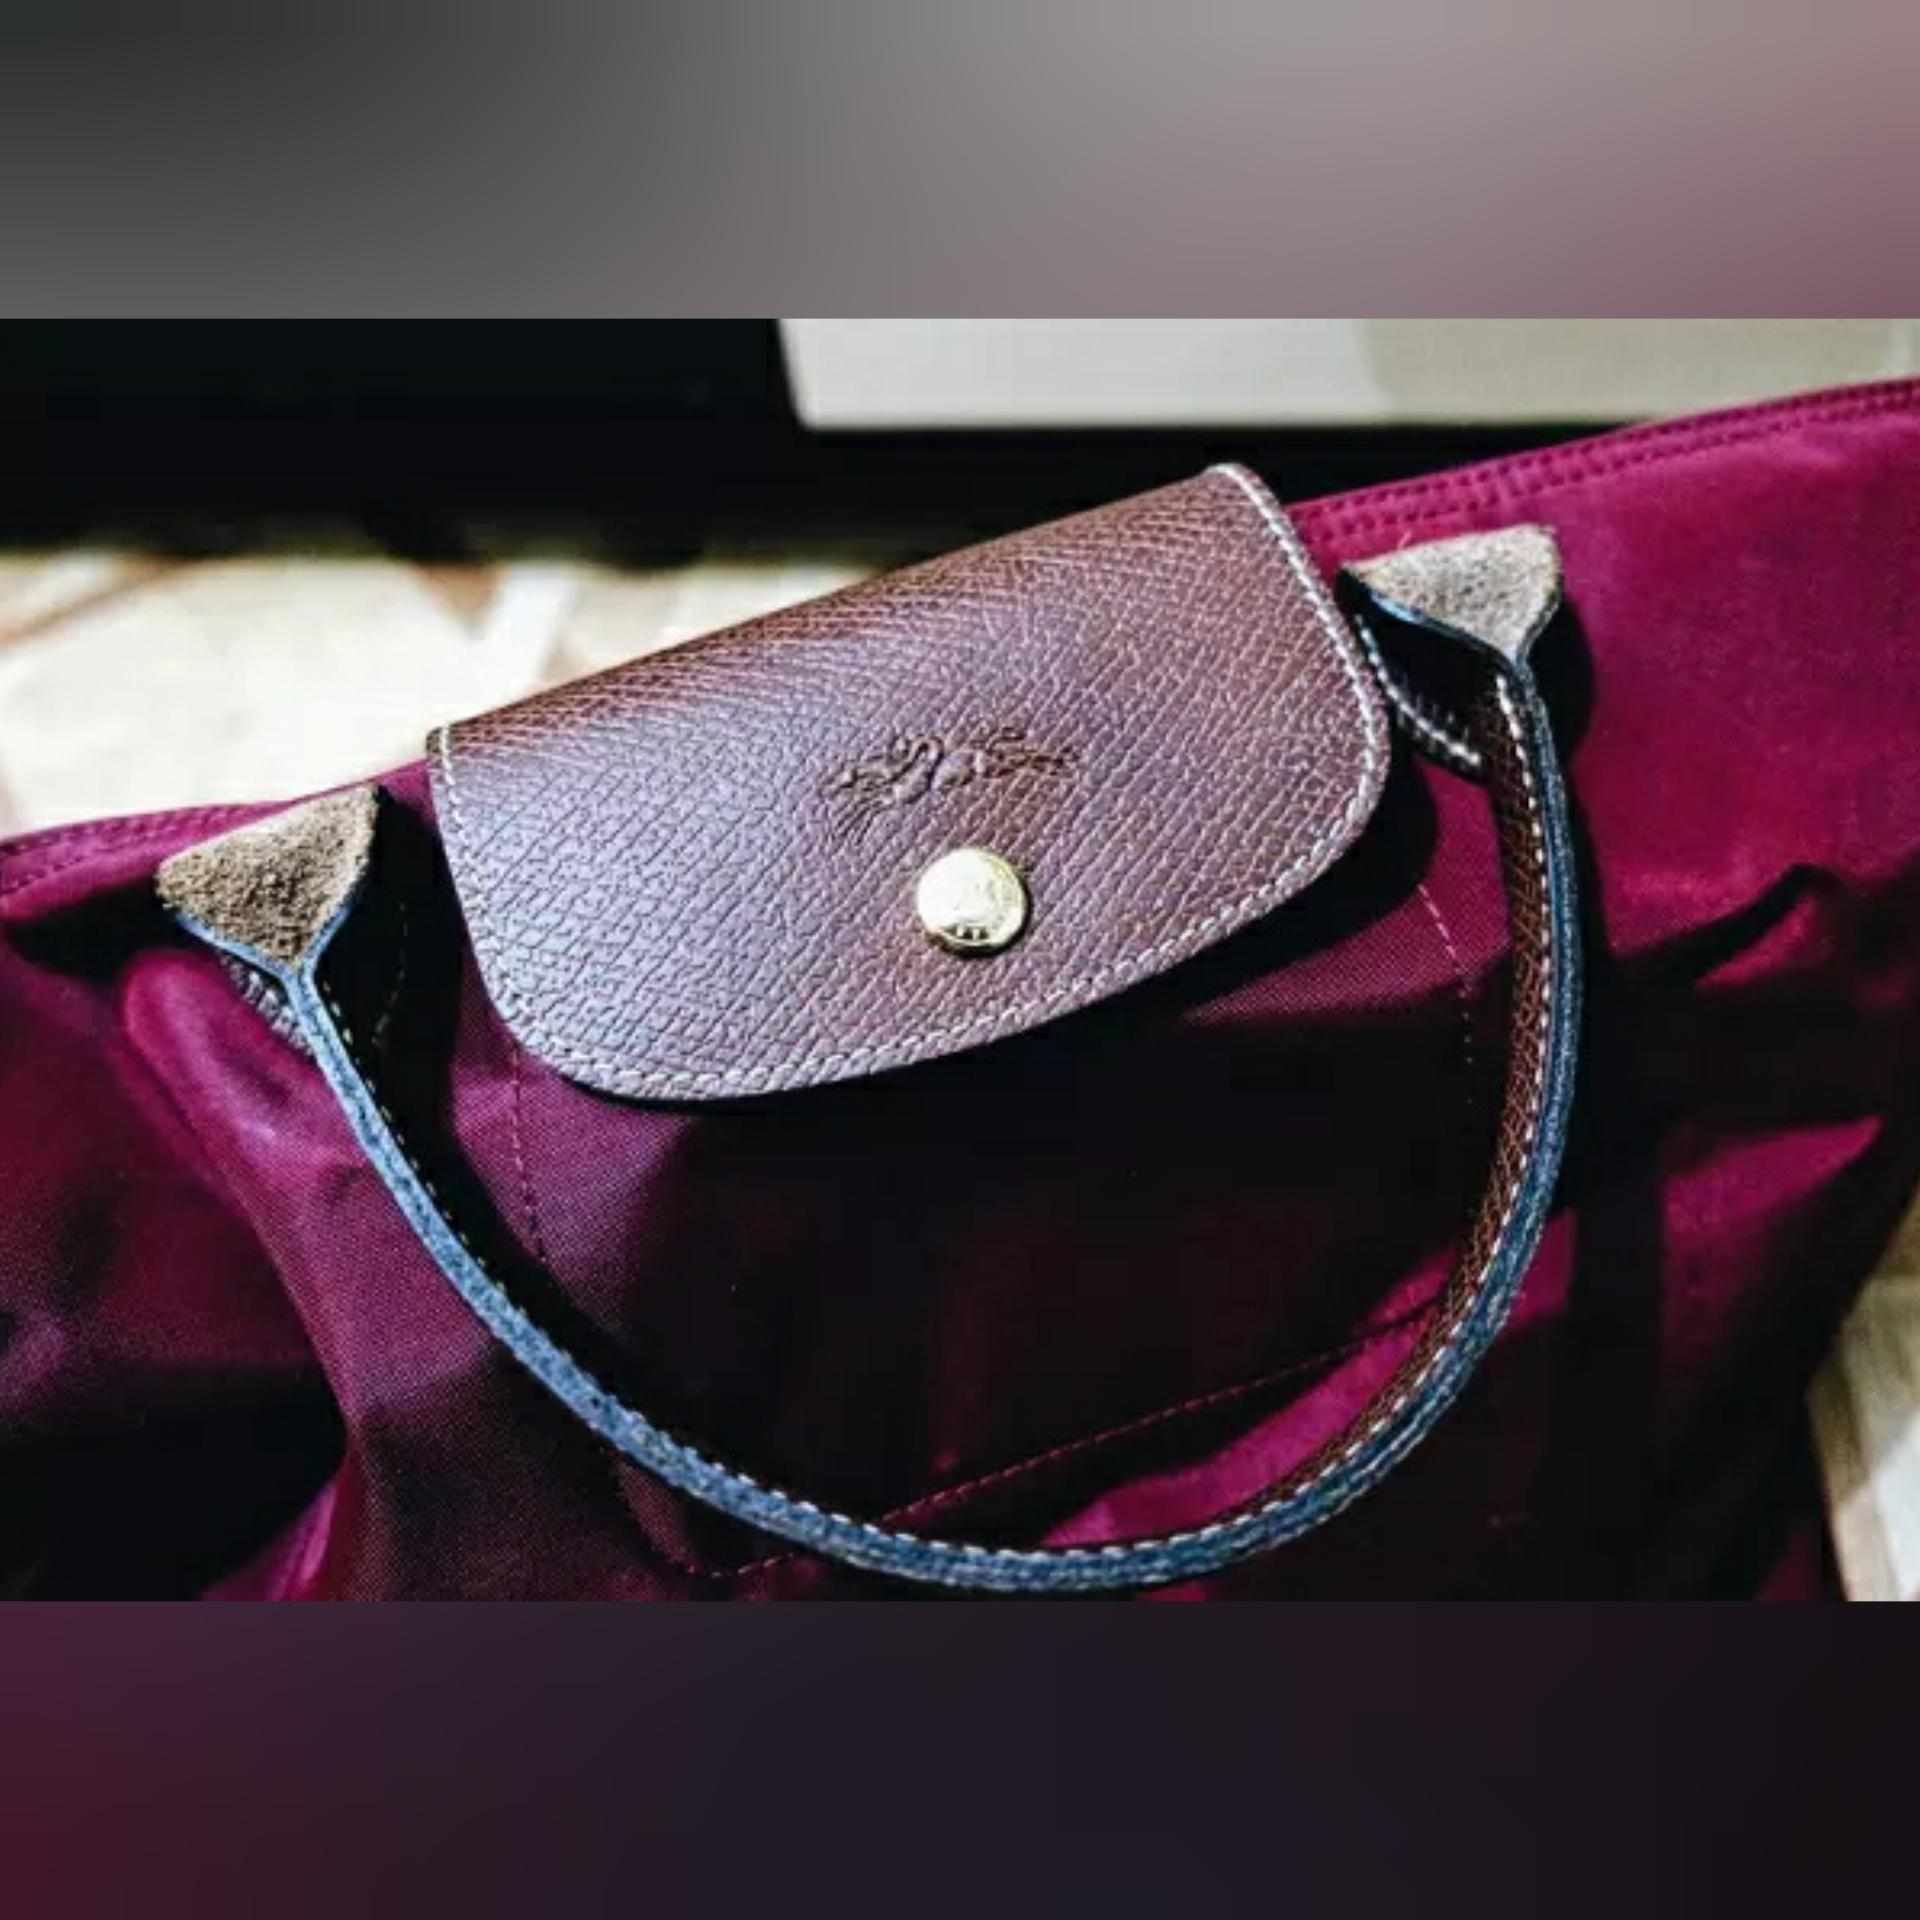 Jual Tas Longchamp Original Le Pliage Cocarde Crossbody Navy Paris